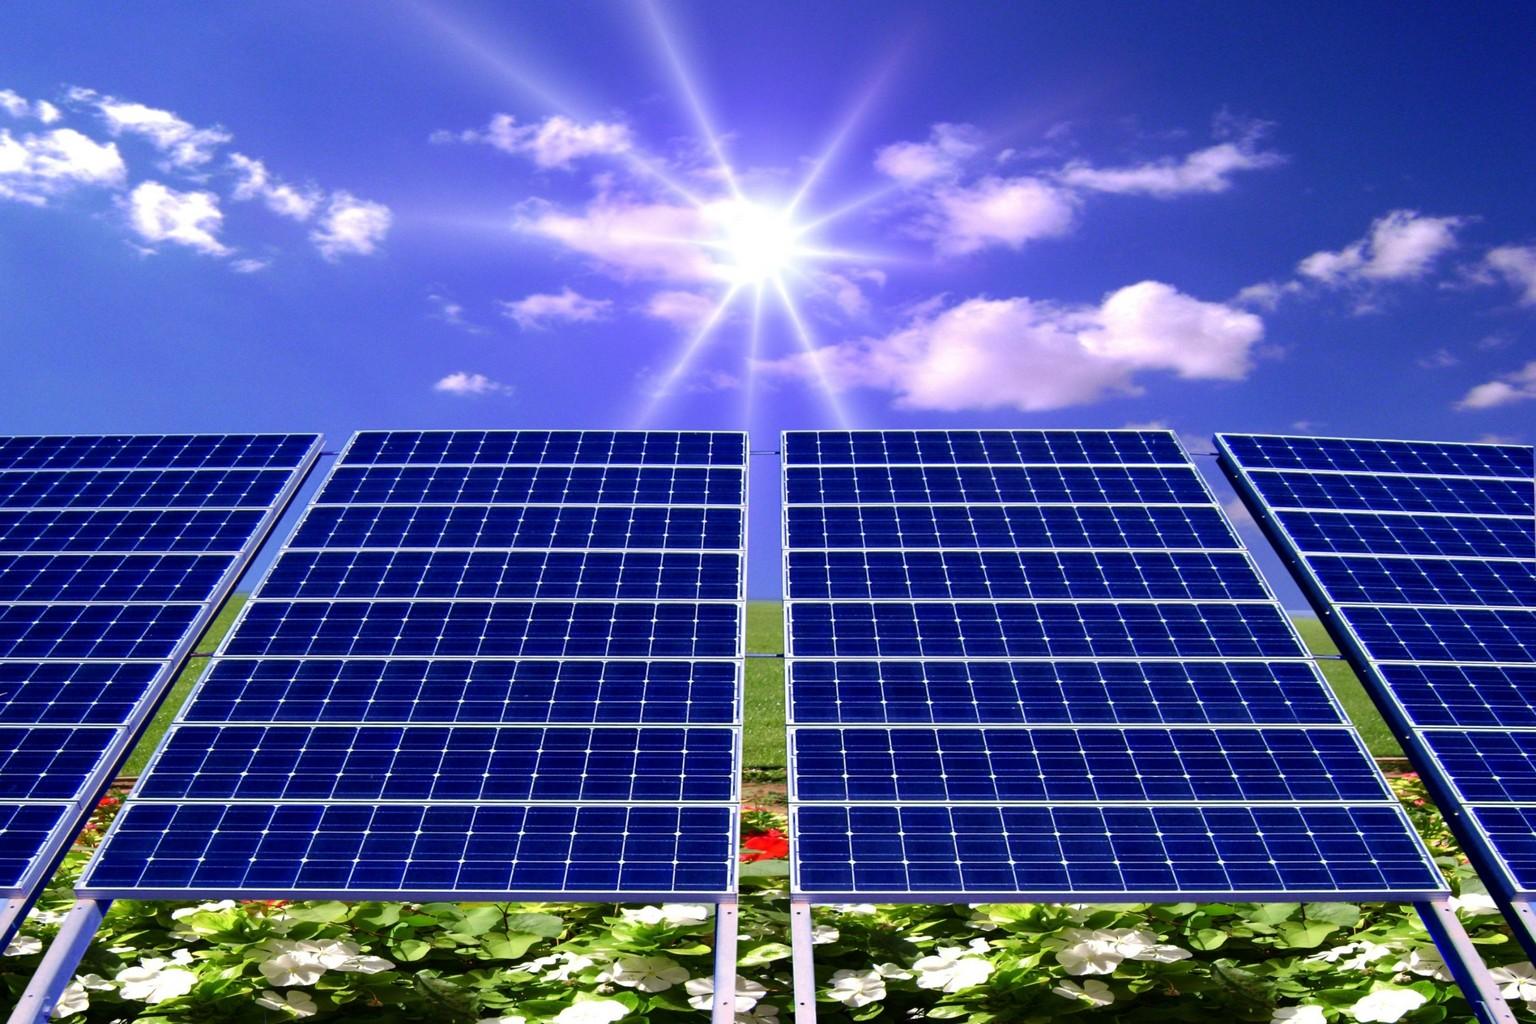 Très Les principales sources d'énergies renouvelables | Pratique.fr IW41